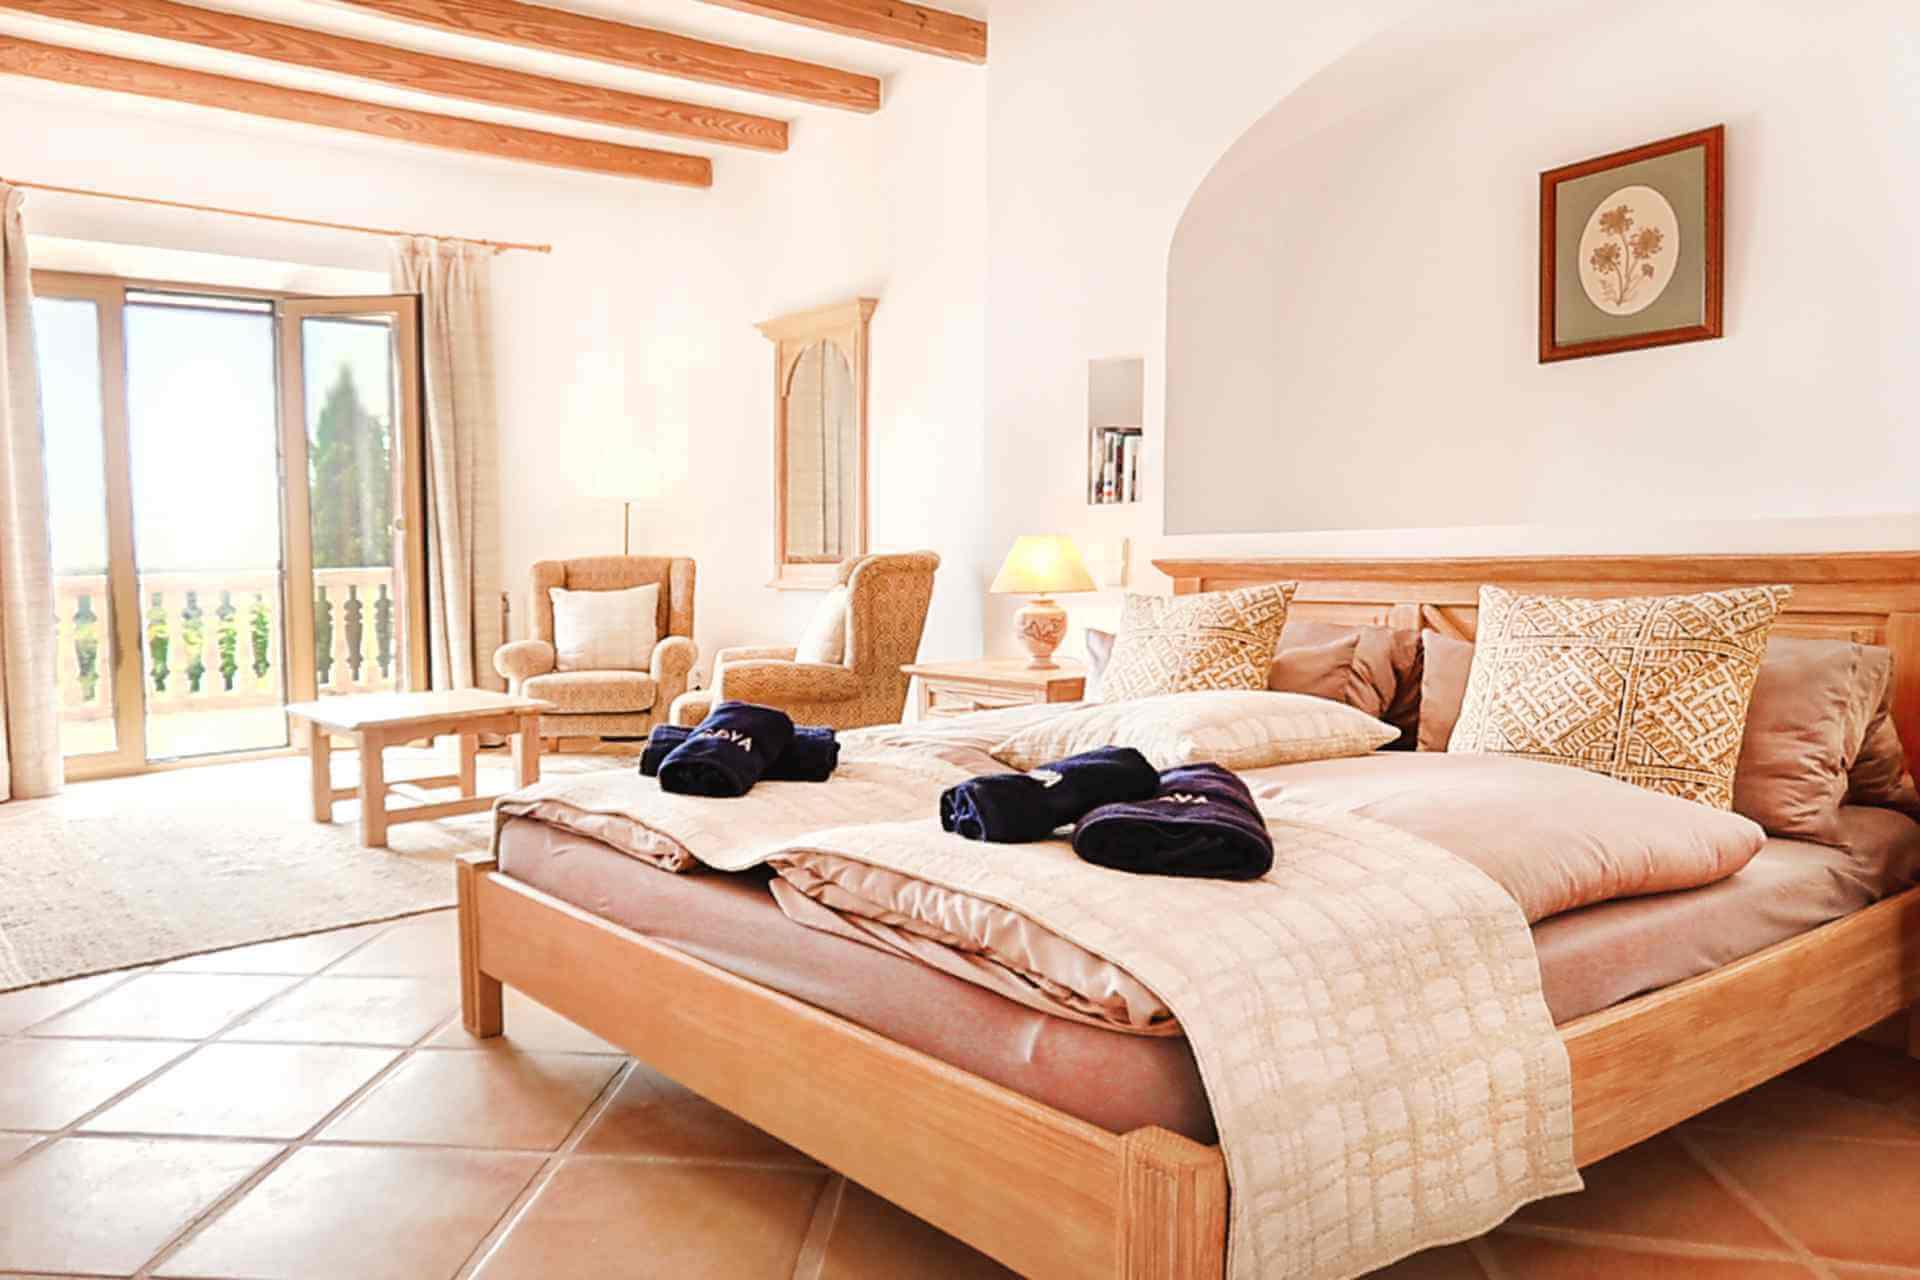 01-319 riesige luxus Finca Mallorca Osten Bild 24